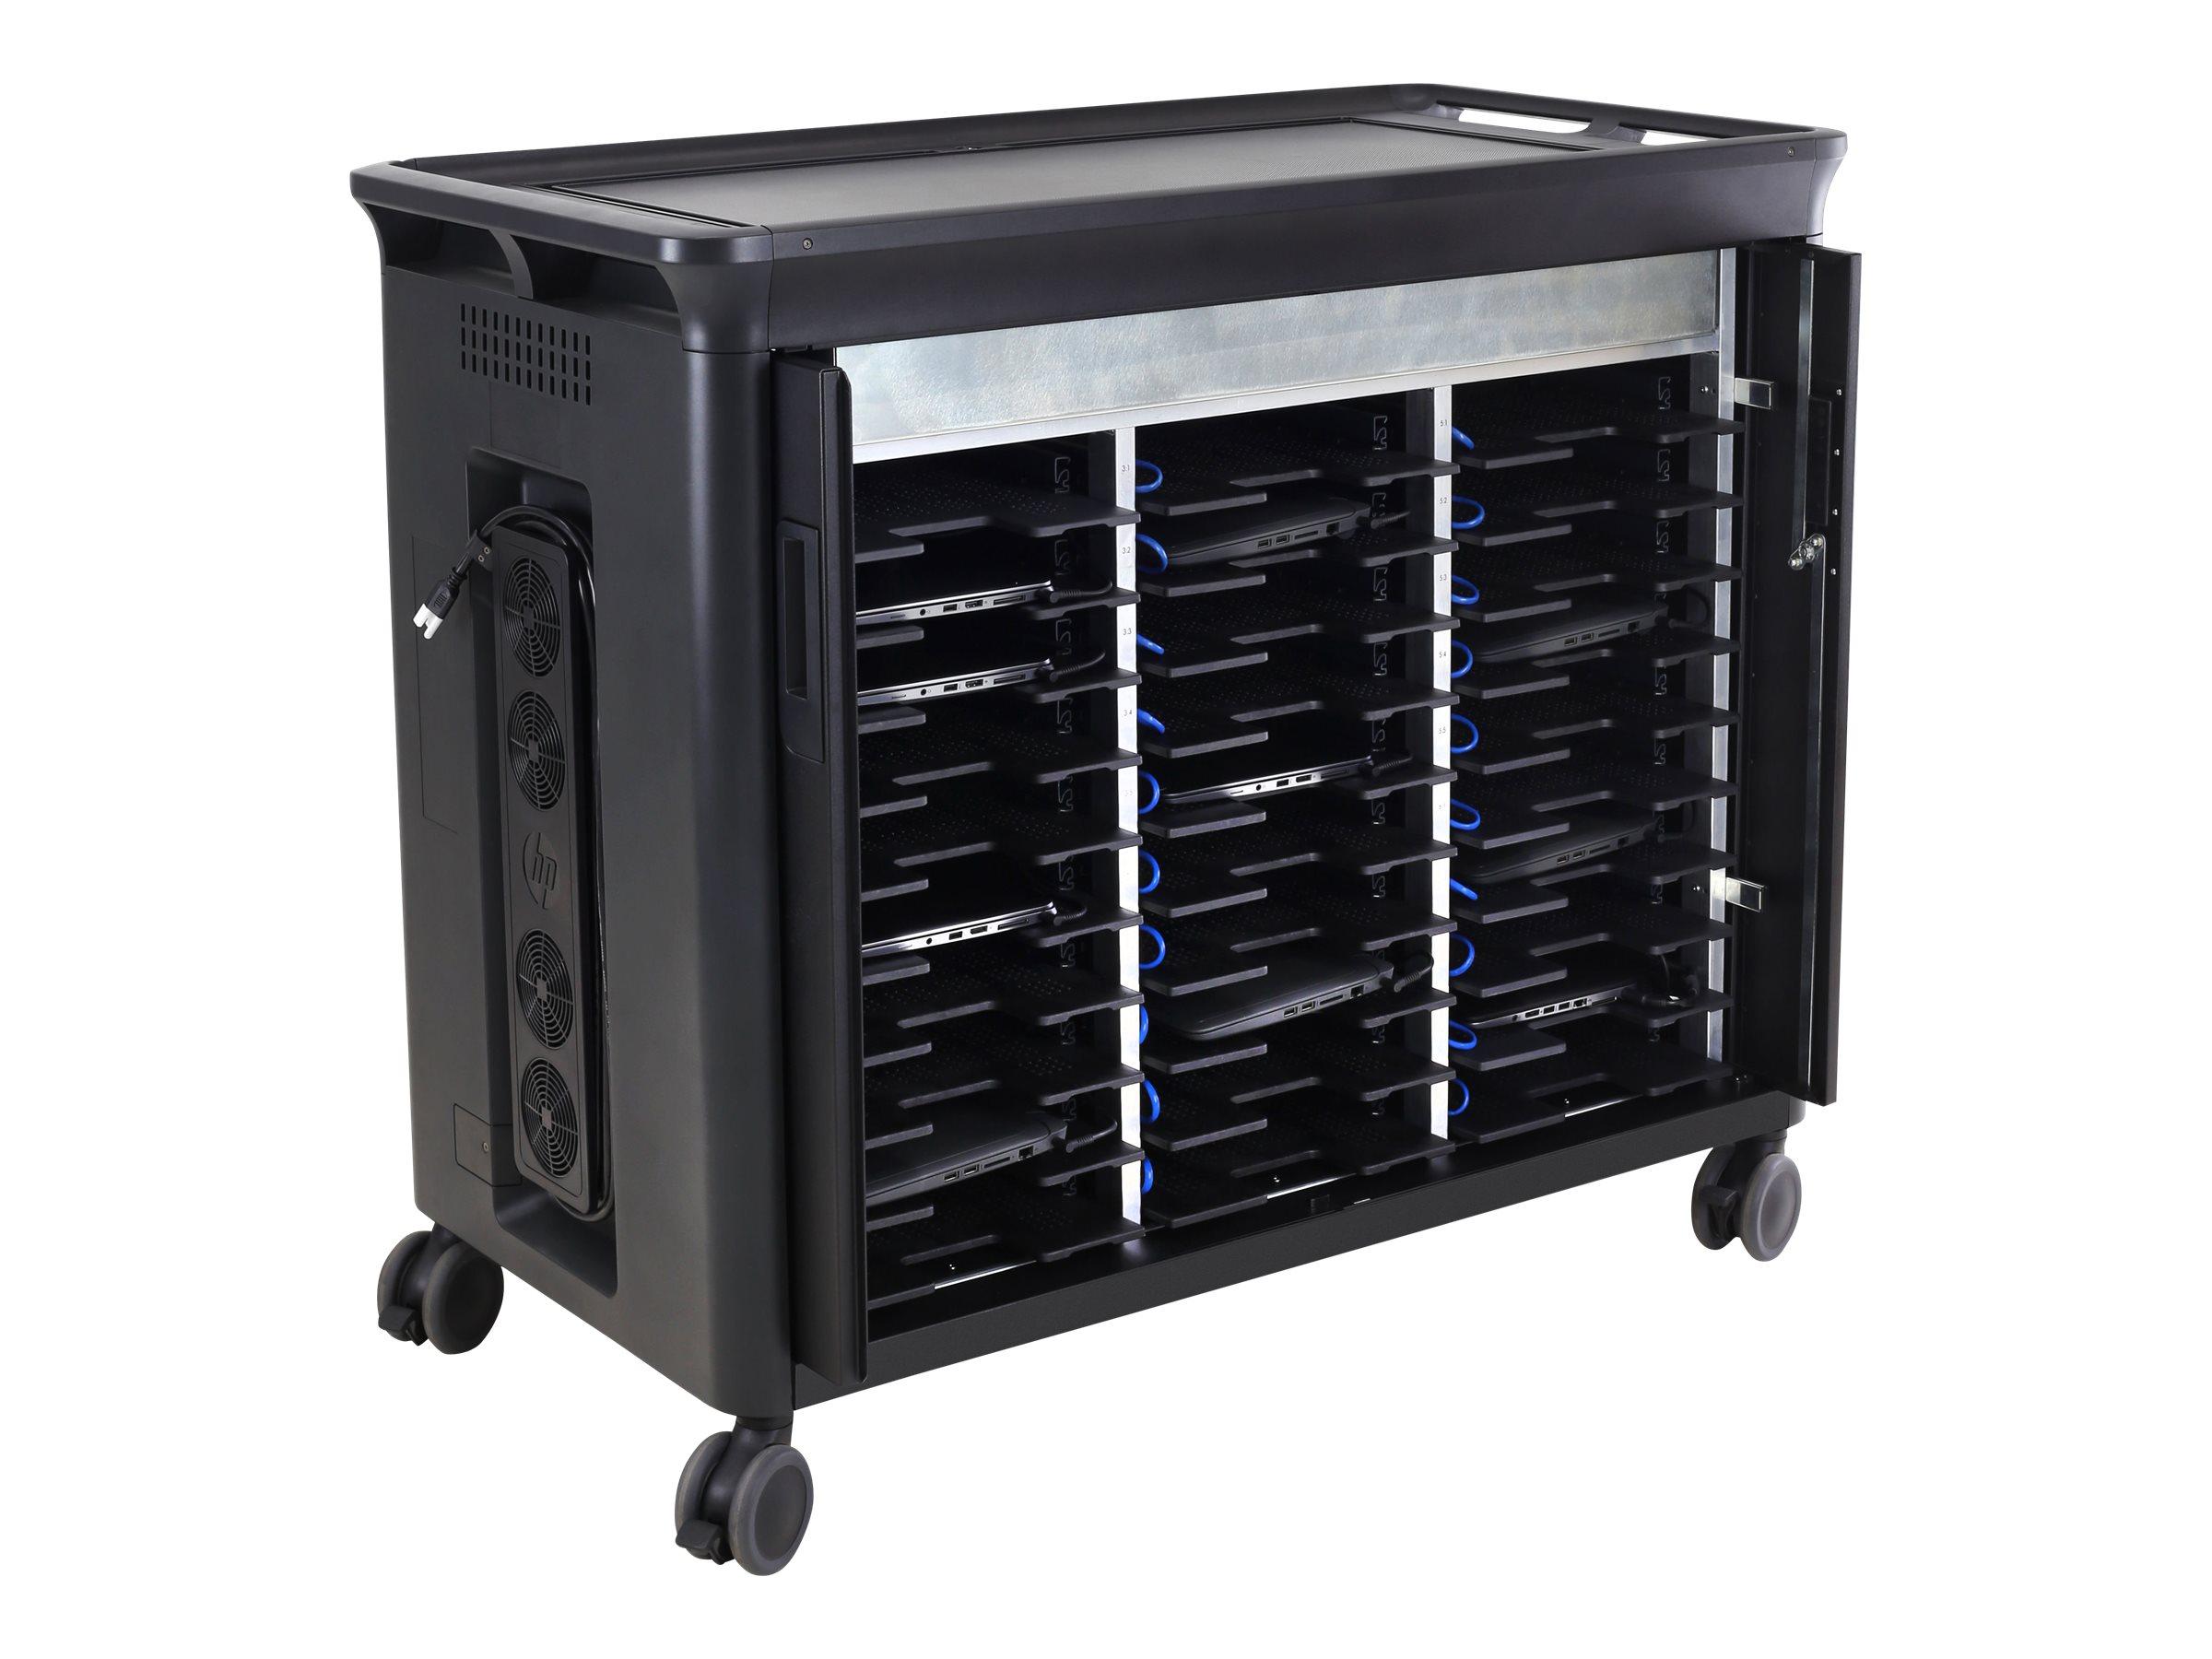 HP 30 Managed Charging Cart V2 - Wagen laden und Management für 30 Notebooks (offene Architektur) - verriegelbar - HP Black - Bi